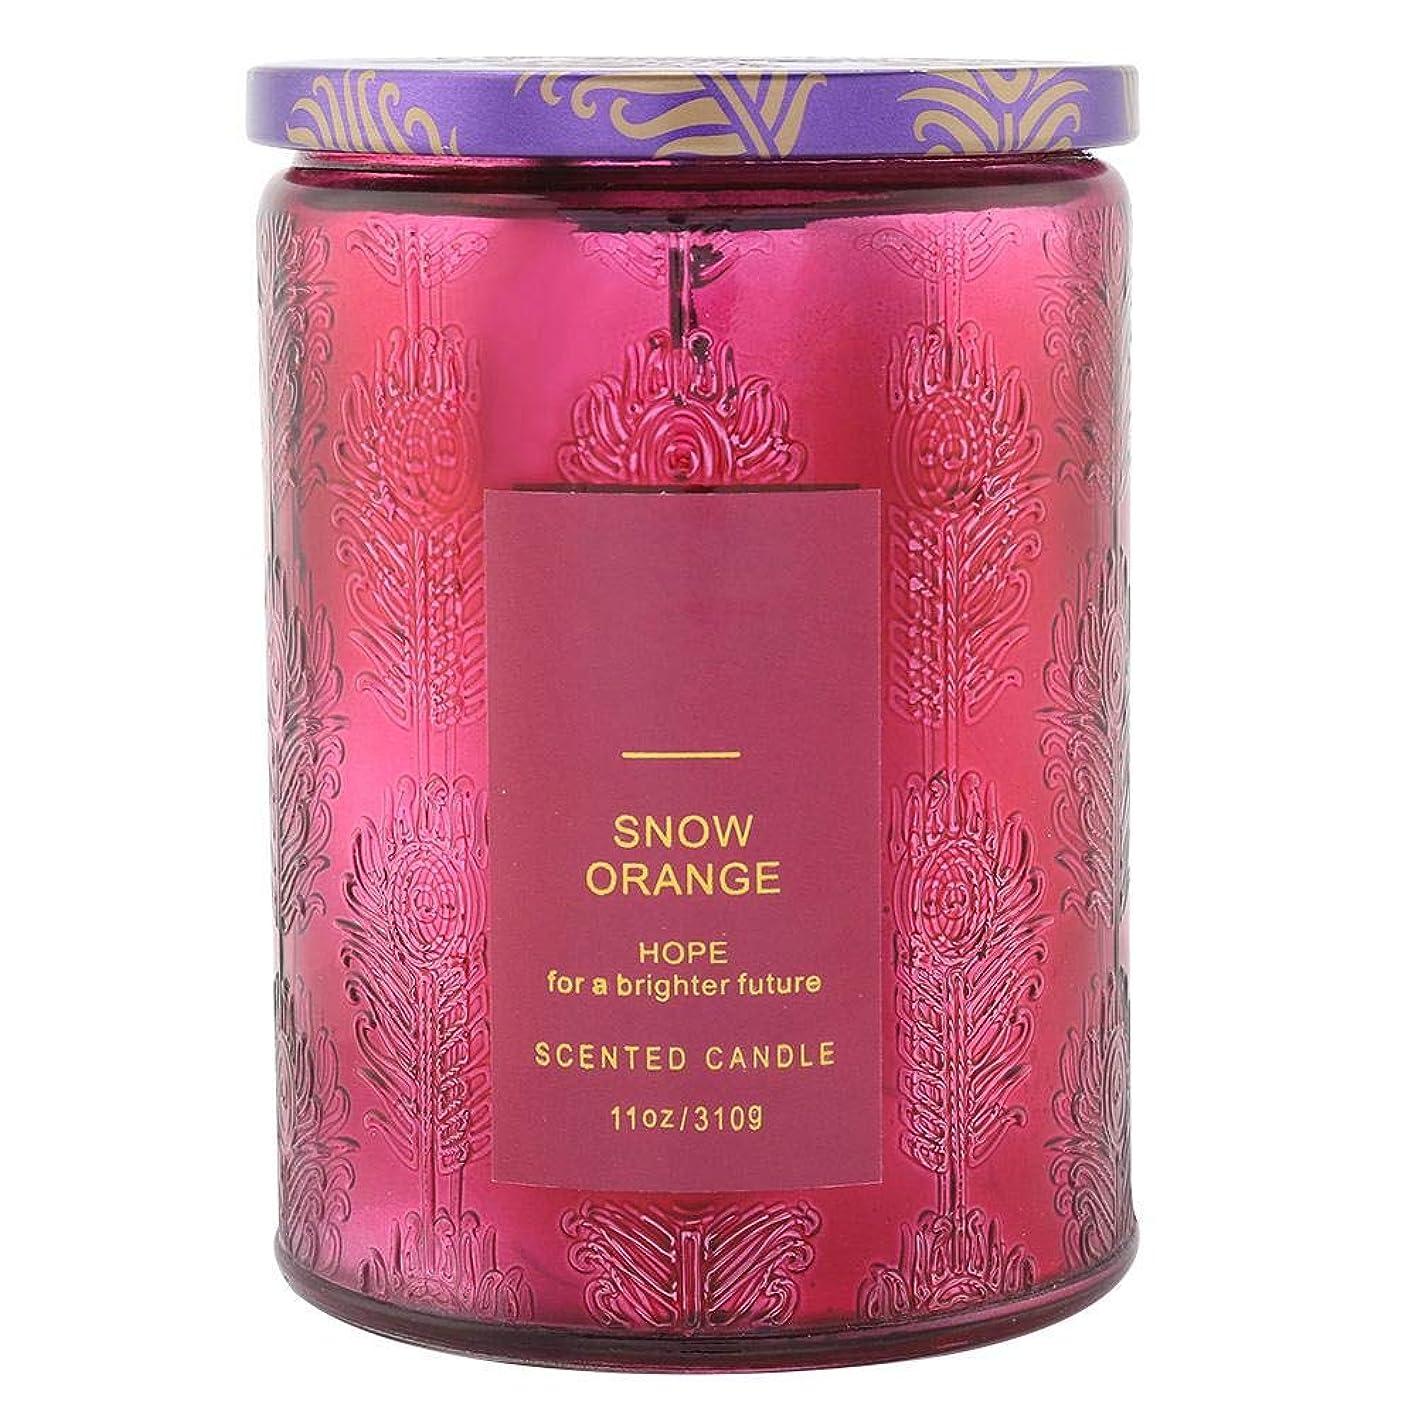 会う論争再発するオレンジ香料入りキャンドル、繊細な香料入りキャンドルフルーツフレグランスワックスエッセンシャルオイルディフューザーキャンドル